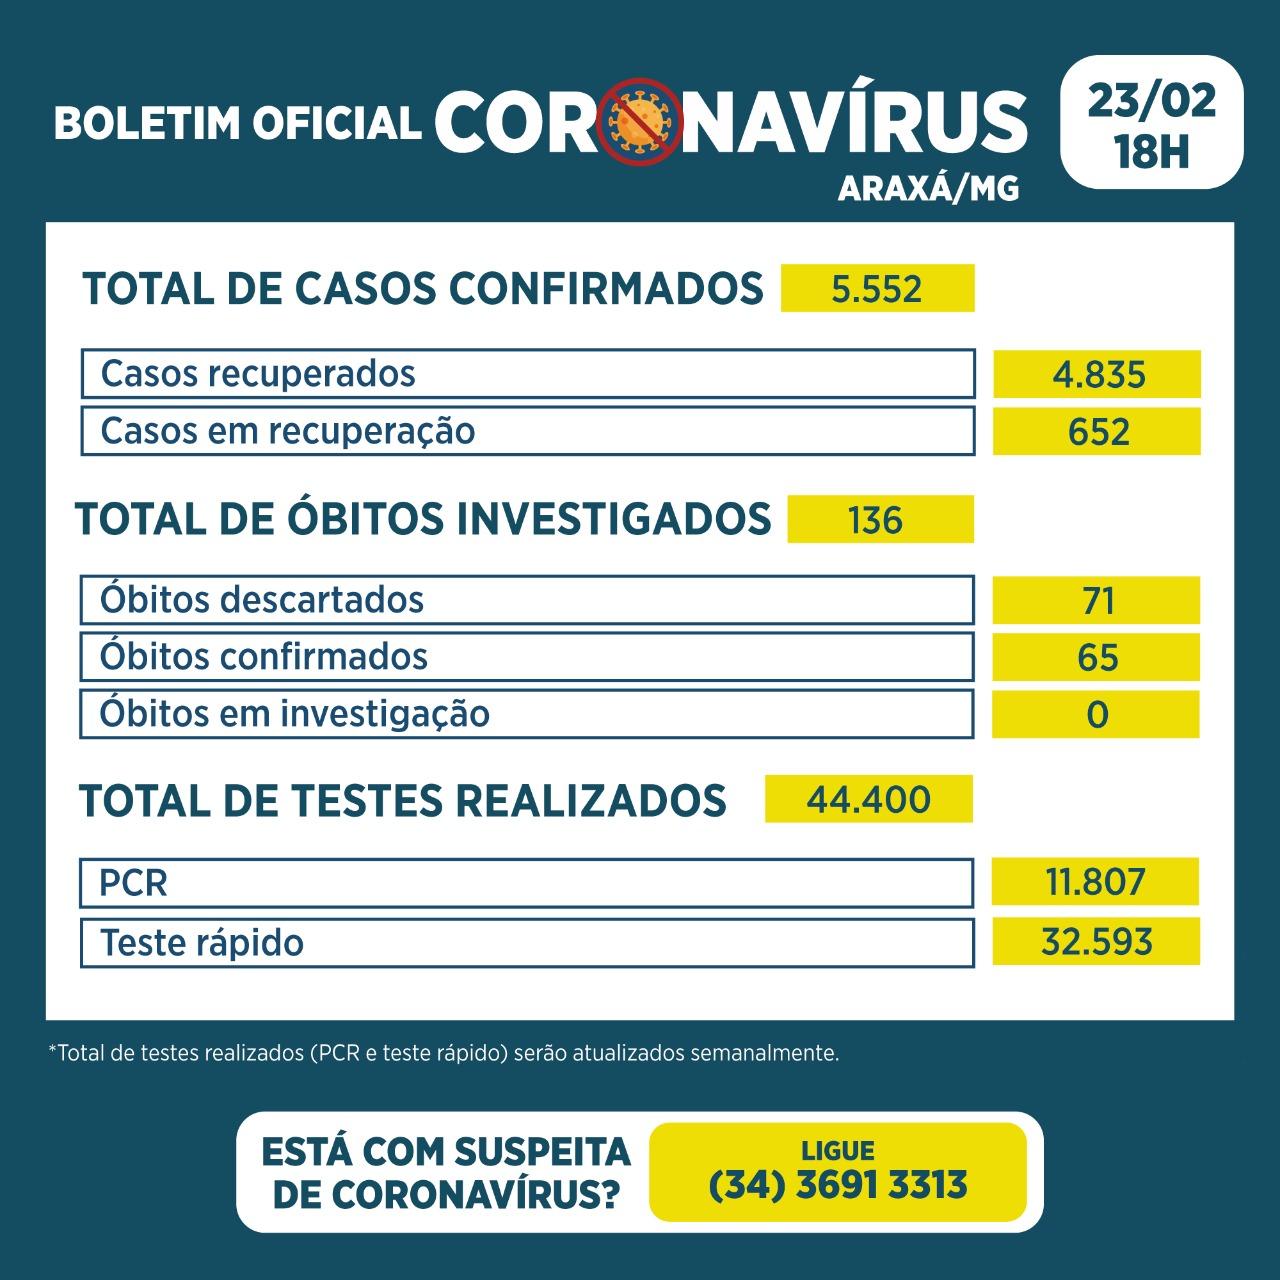 Boletim Epidemiológico confirma 153 casos positivos e 4 óbitos por Covid-19 em Araxá